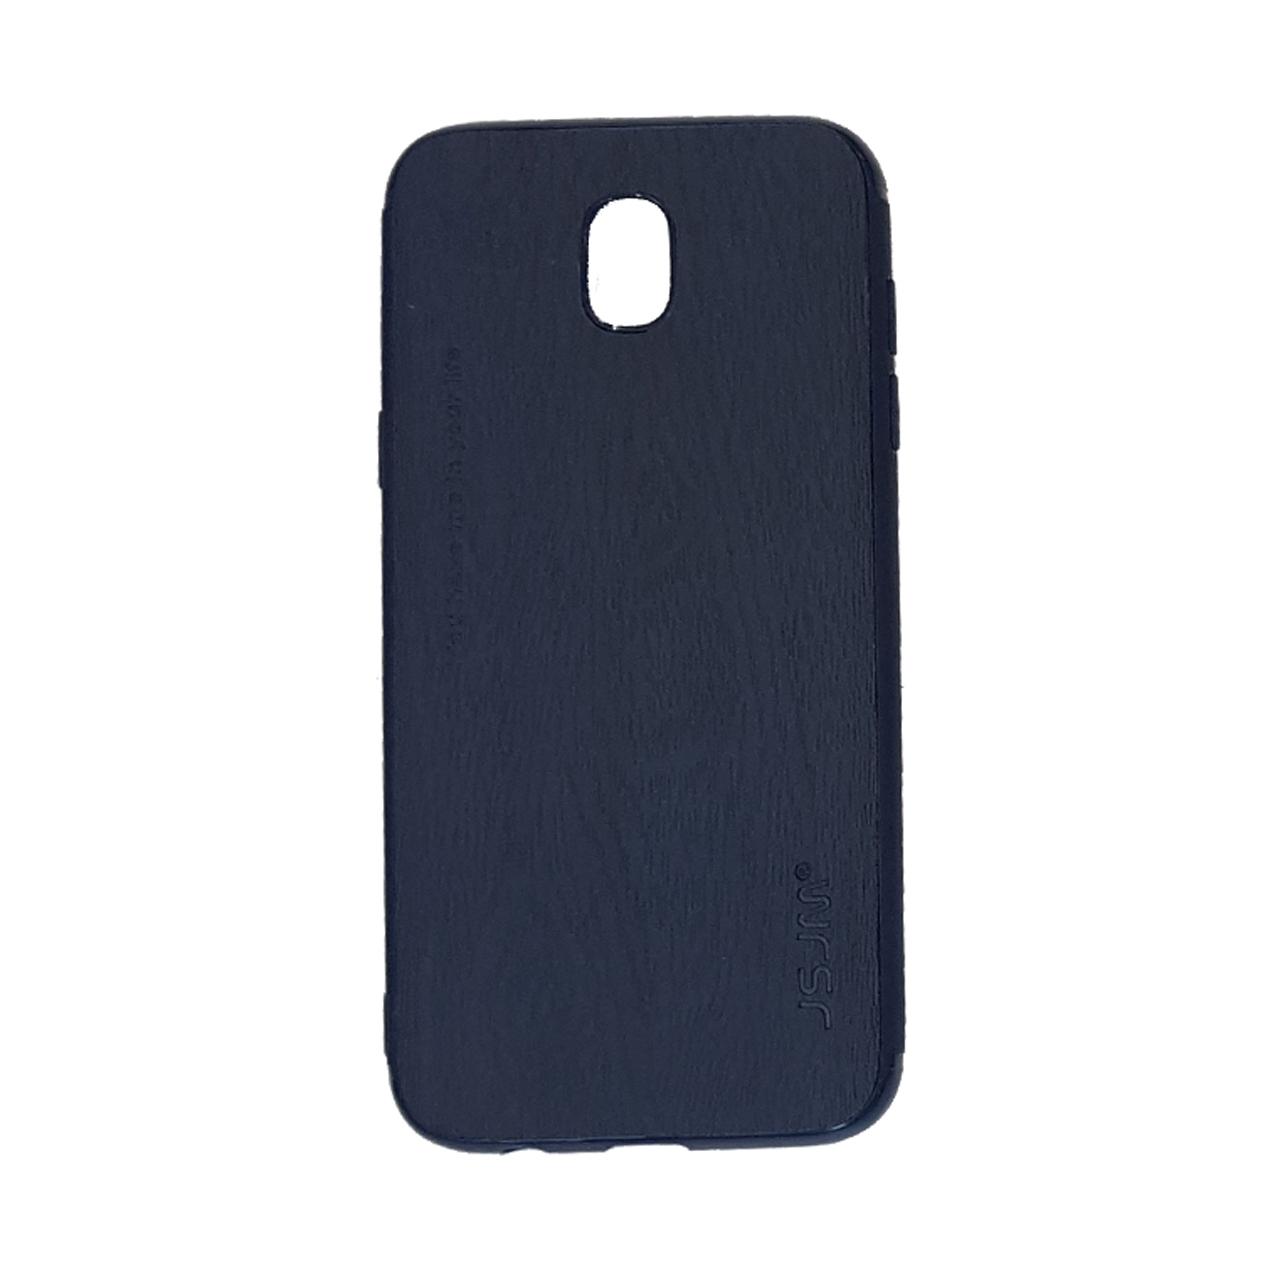 کاور جی اس جی ام طرح چوب مناسب برای گوشی موبایل سامسونگ گلکسی J3 Pro /J3 2017              ( قیمت و خرید)